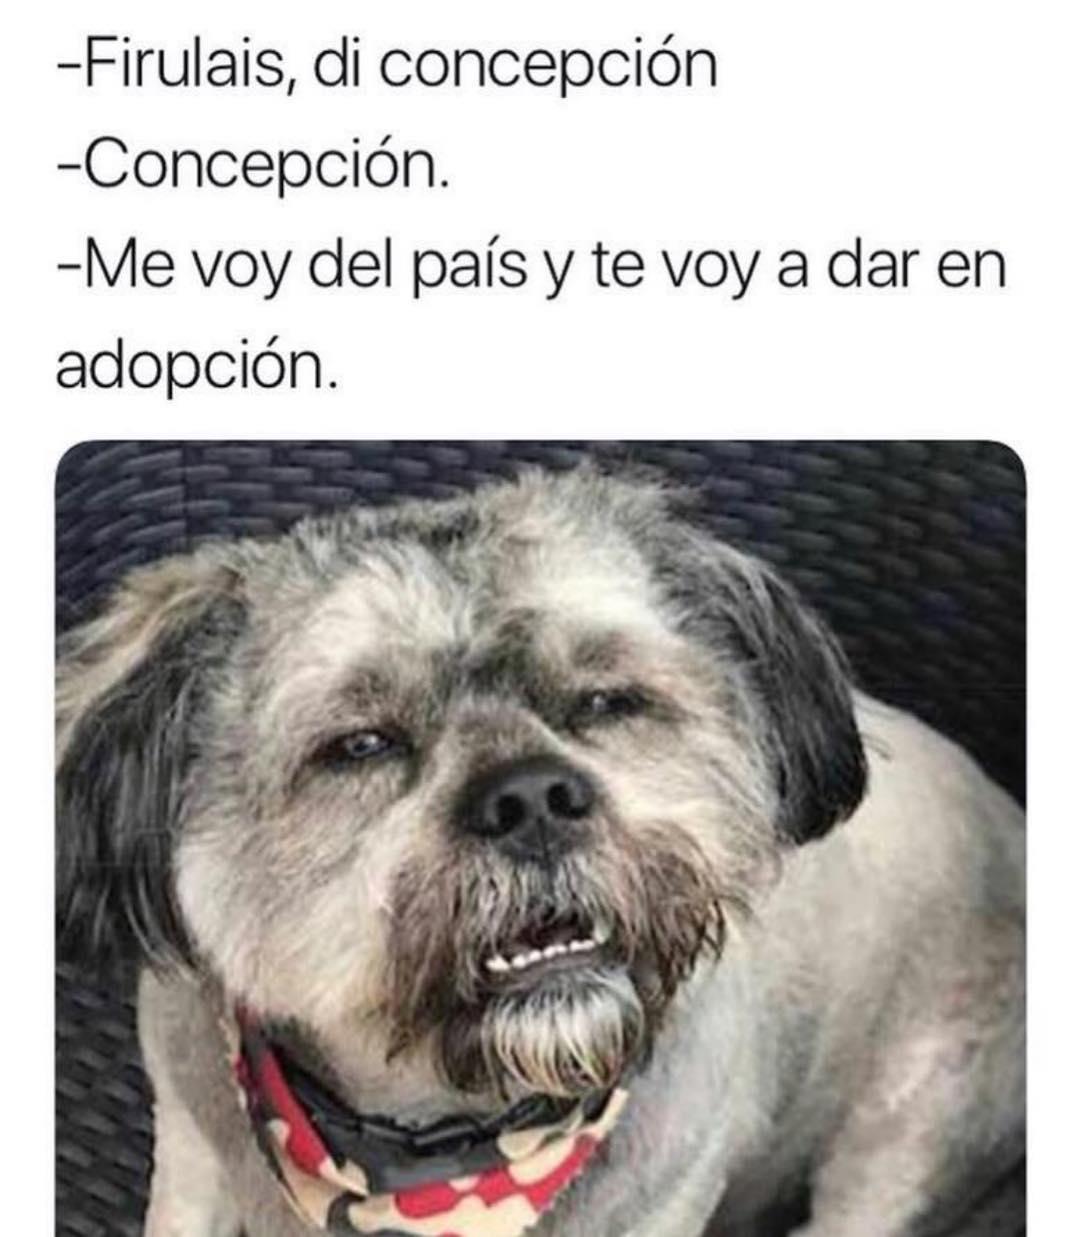 Firulais, di concepción.  Concepción.  Me voy del país y te voy a dar en adopción.